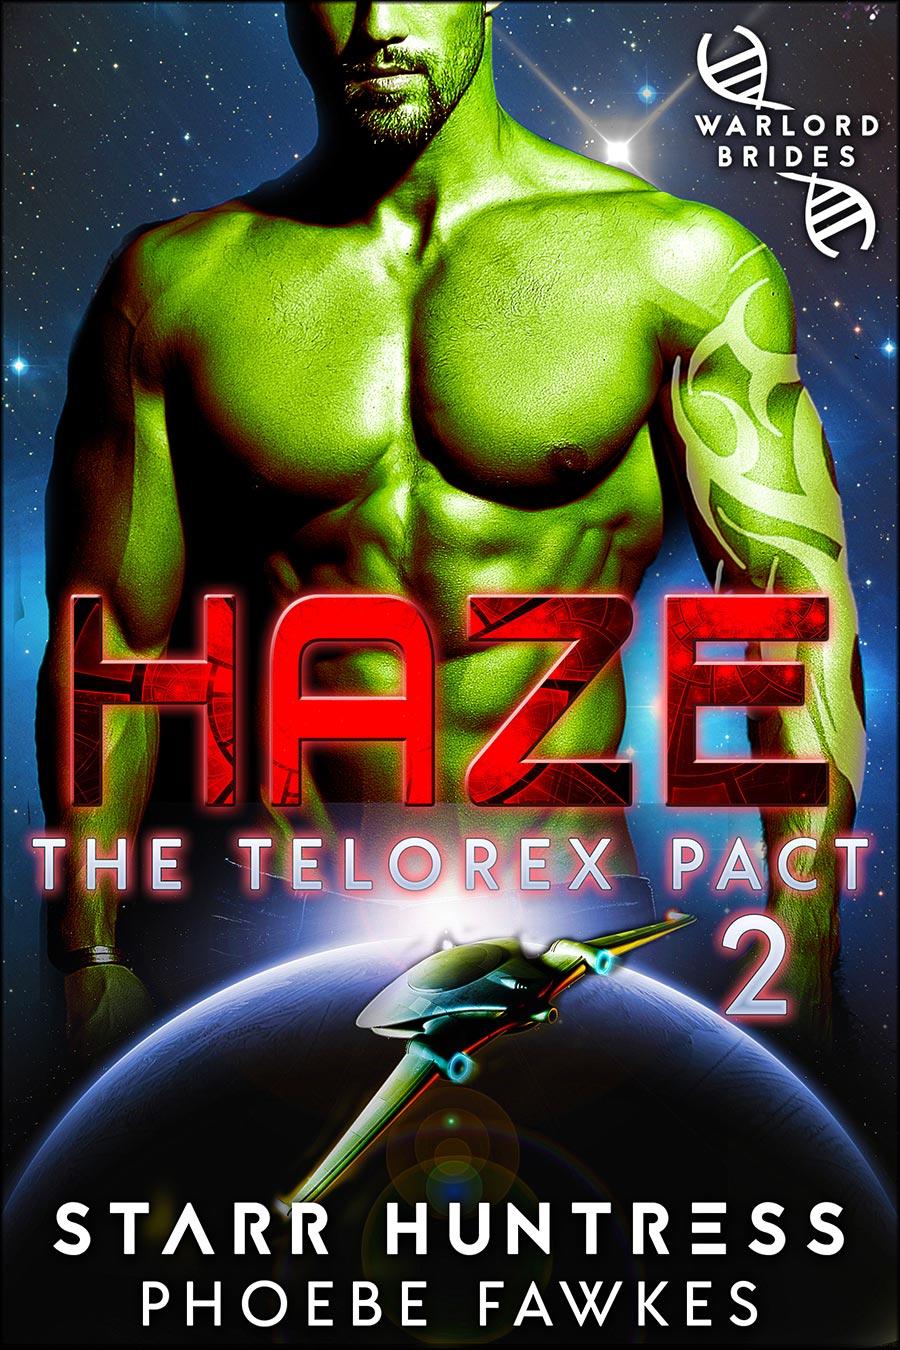 The-Telorex-Pact---book-2---HAZE.jpg